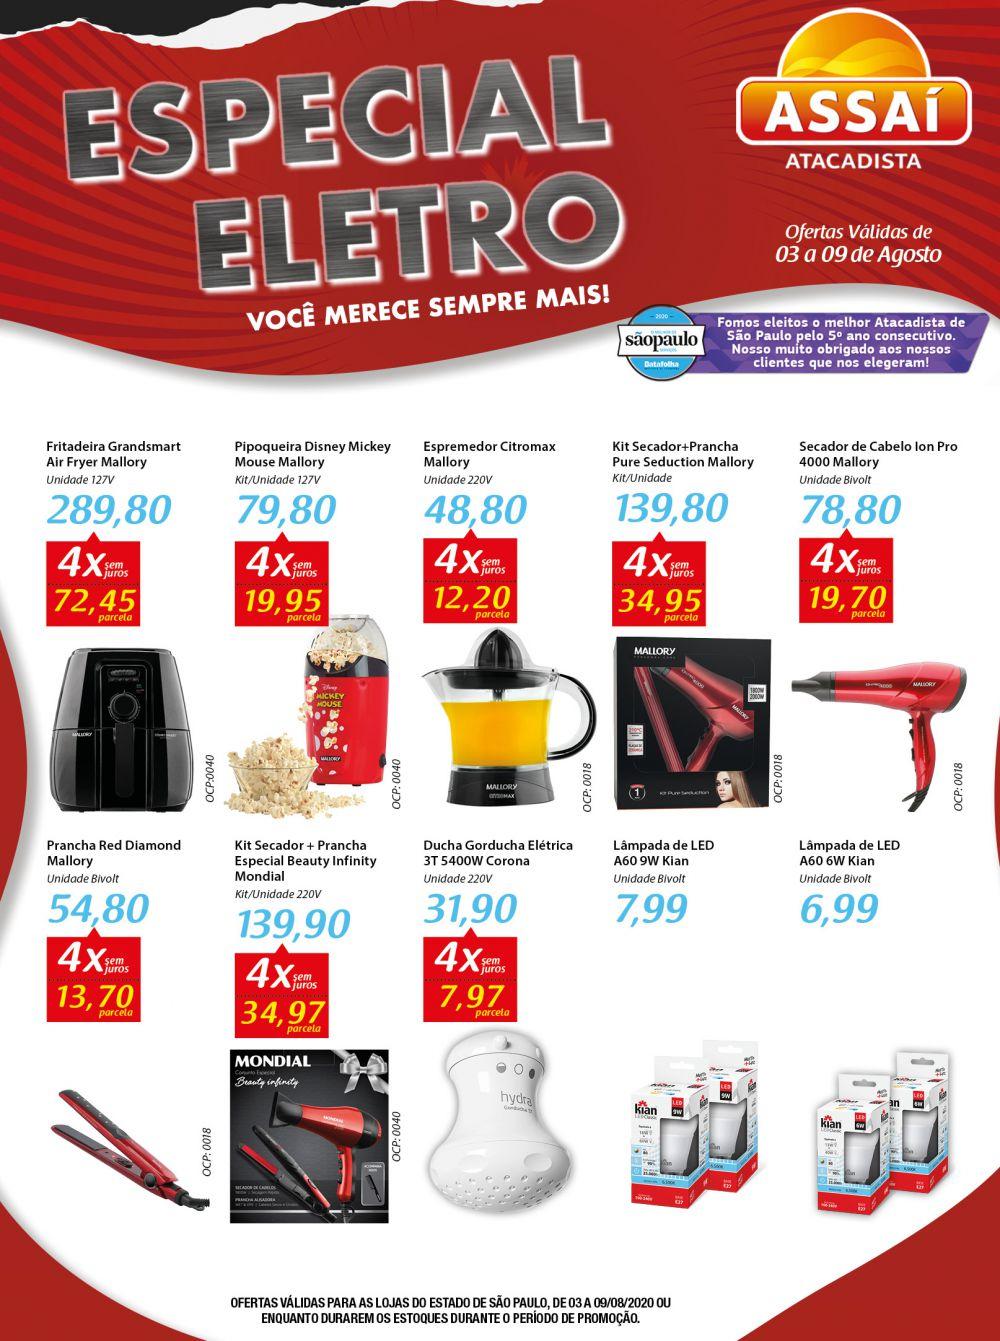 Encarte Assaí Ofertas de Eletros 03/08/2020 01